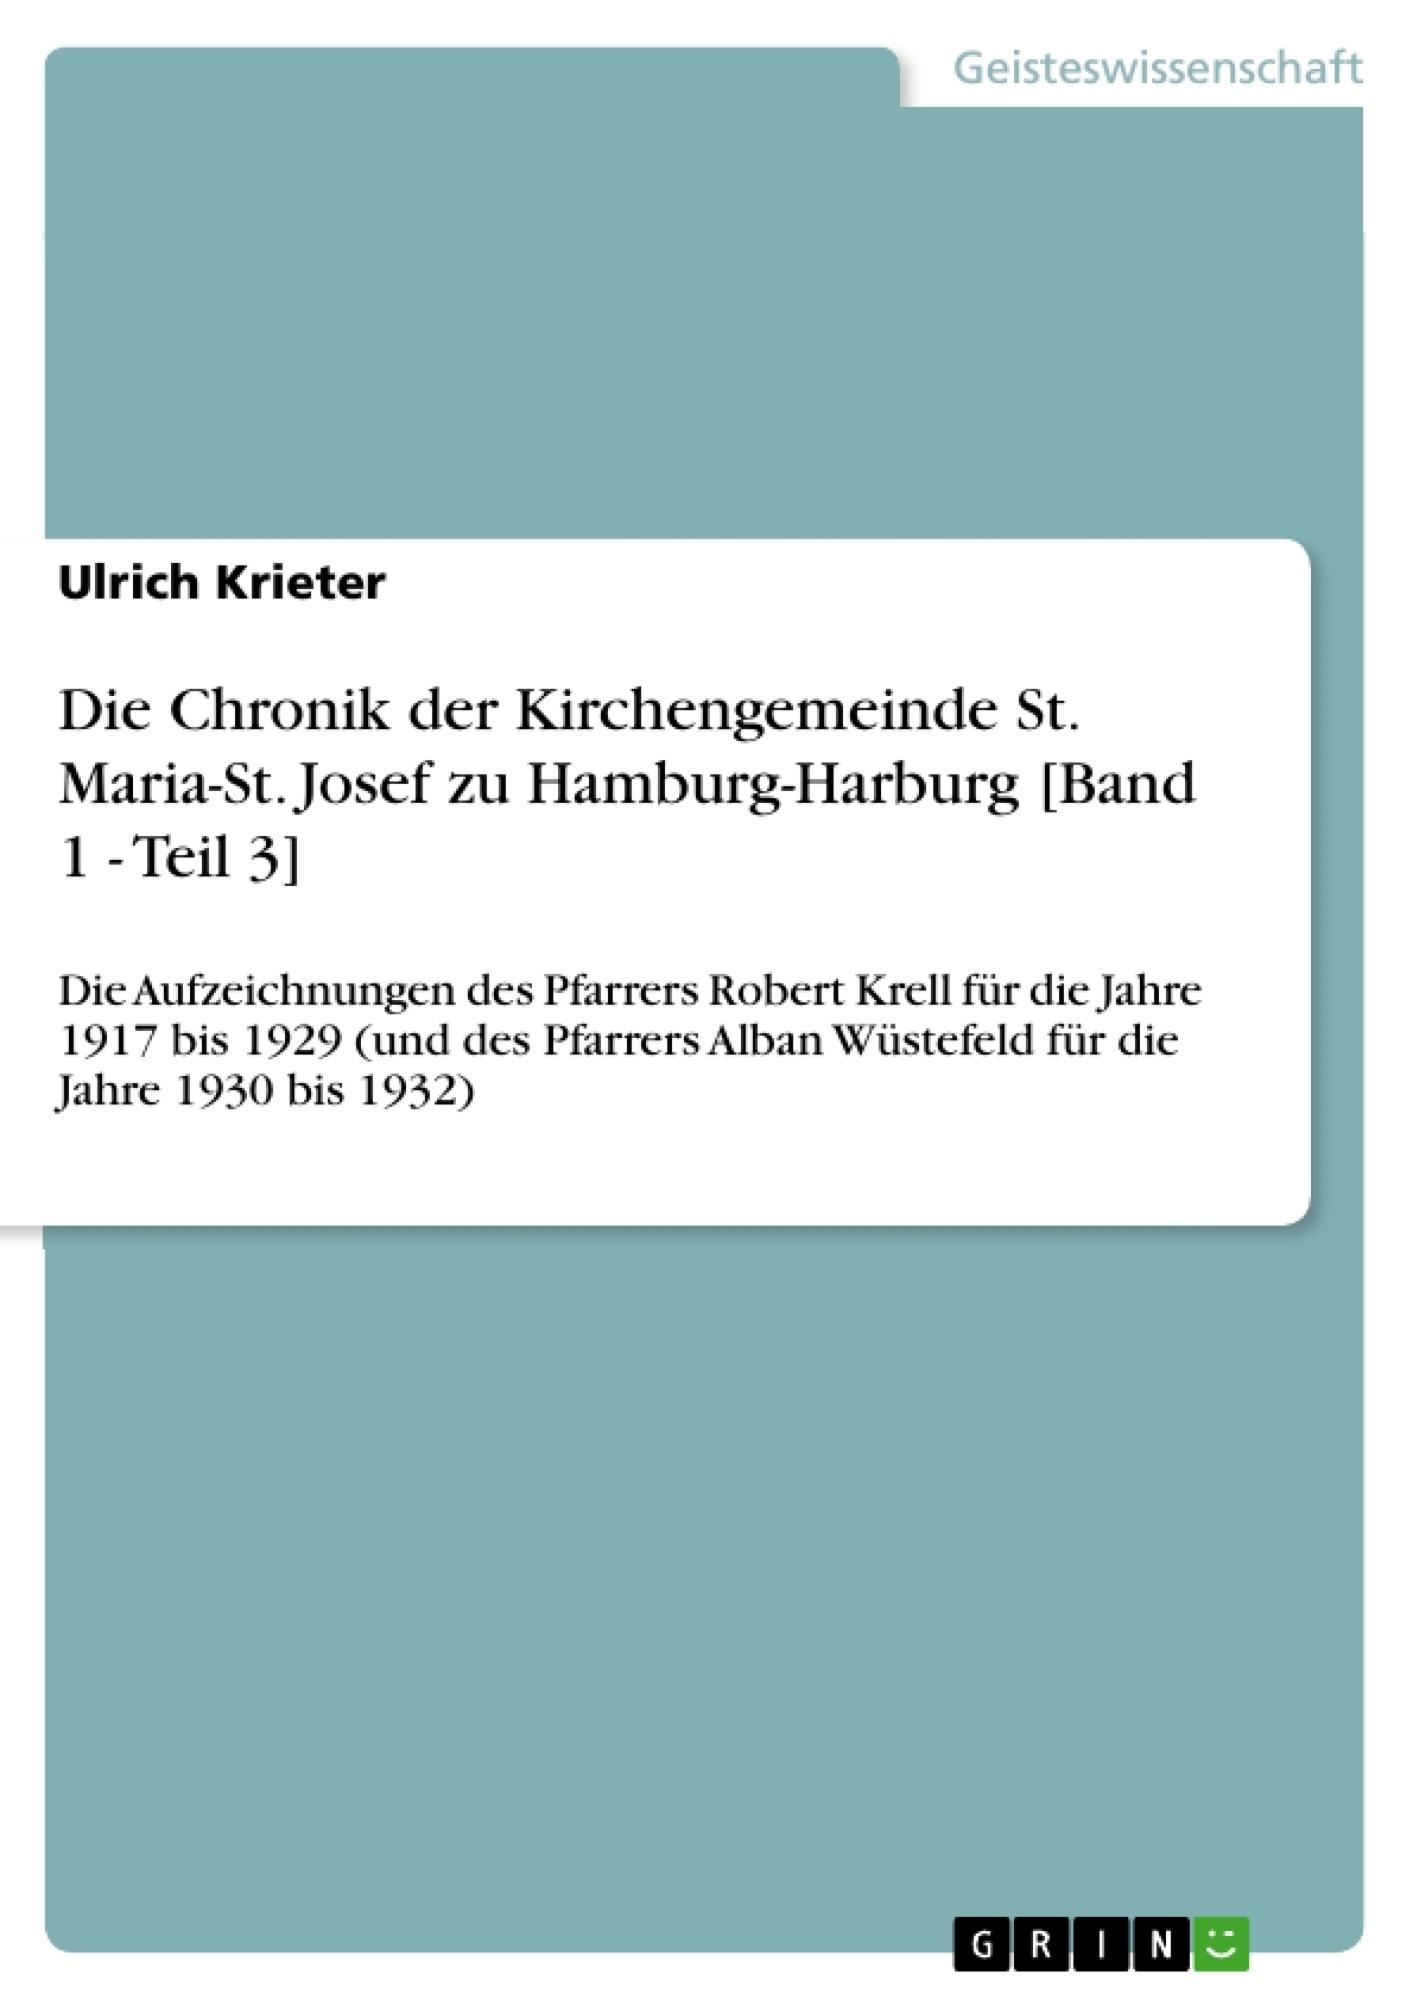 Titel: Die Chronik der Kirchengemeinde St. Maria-St. Josef zu Hamburg-Harburg [Band 1 - Teil 3]